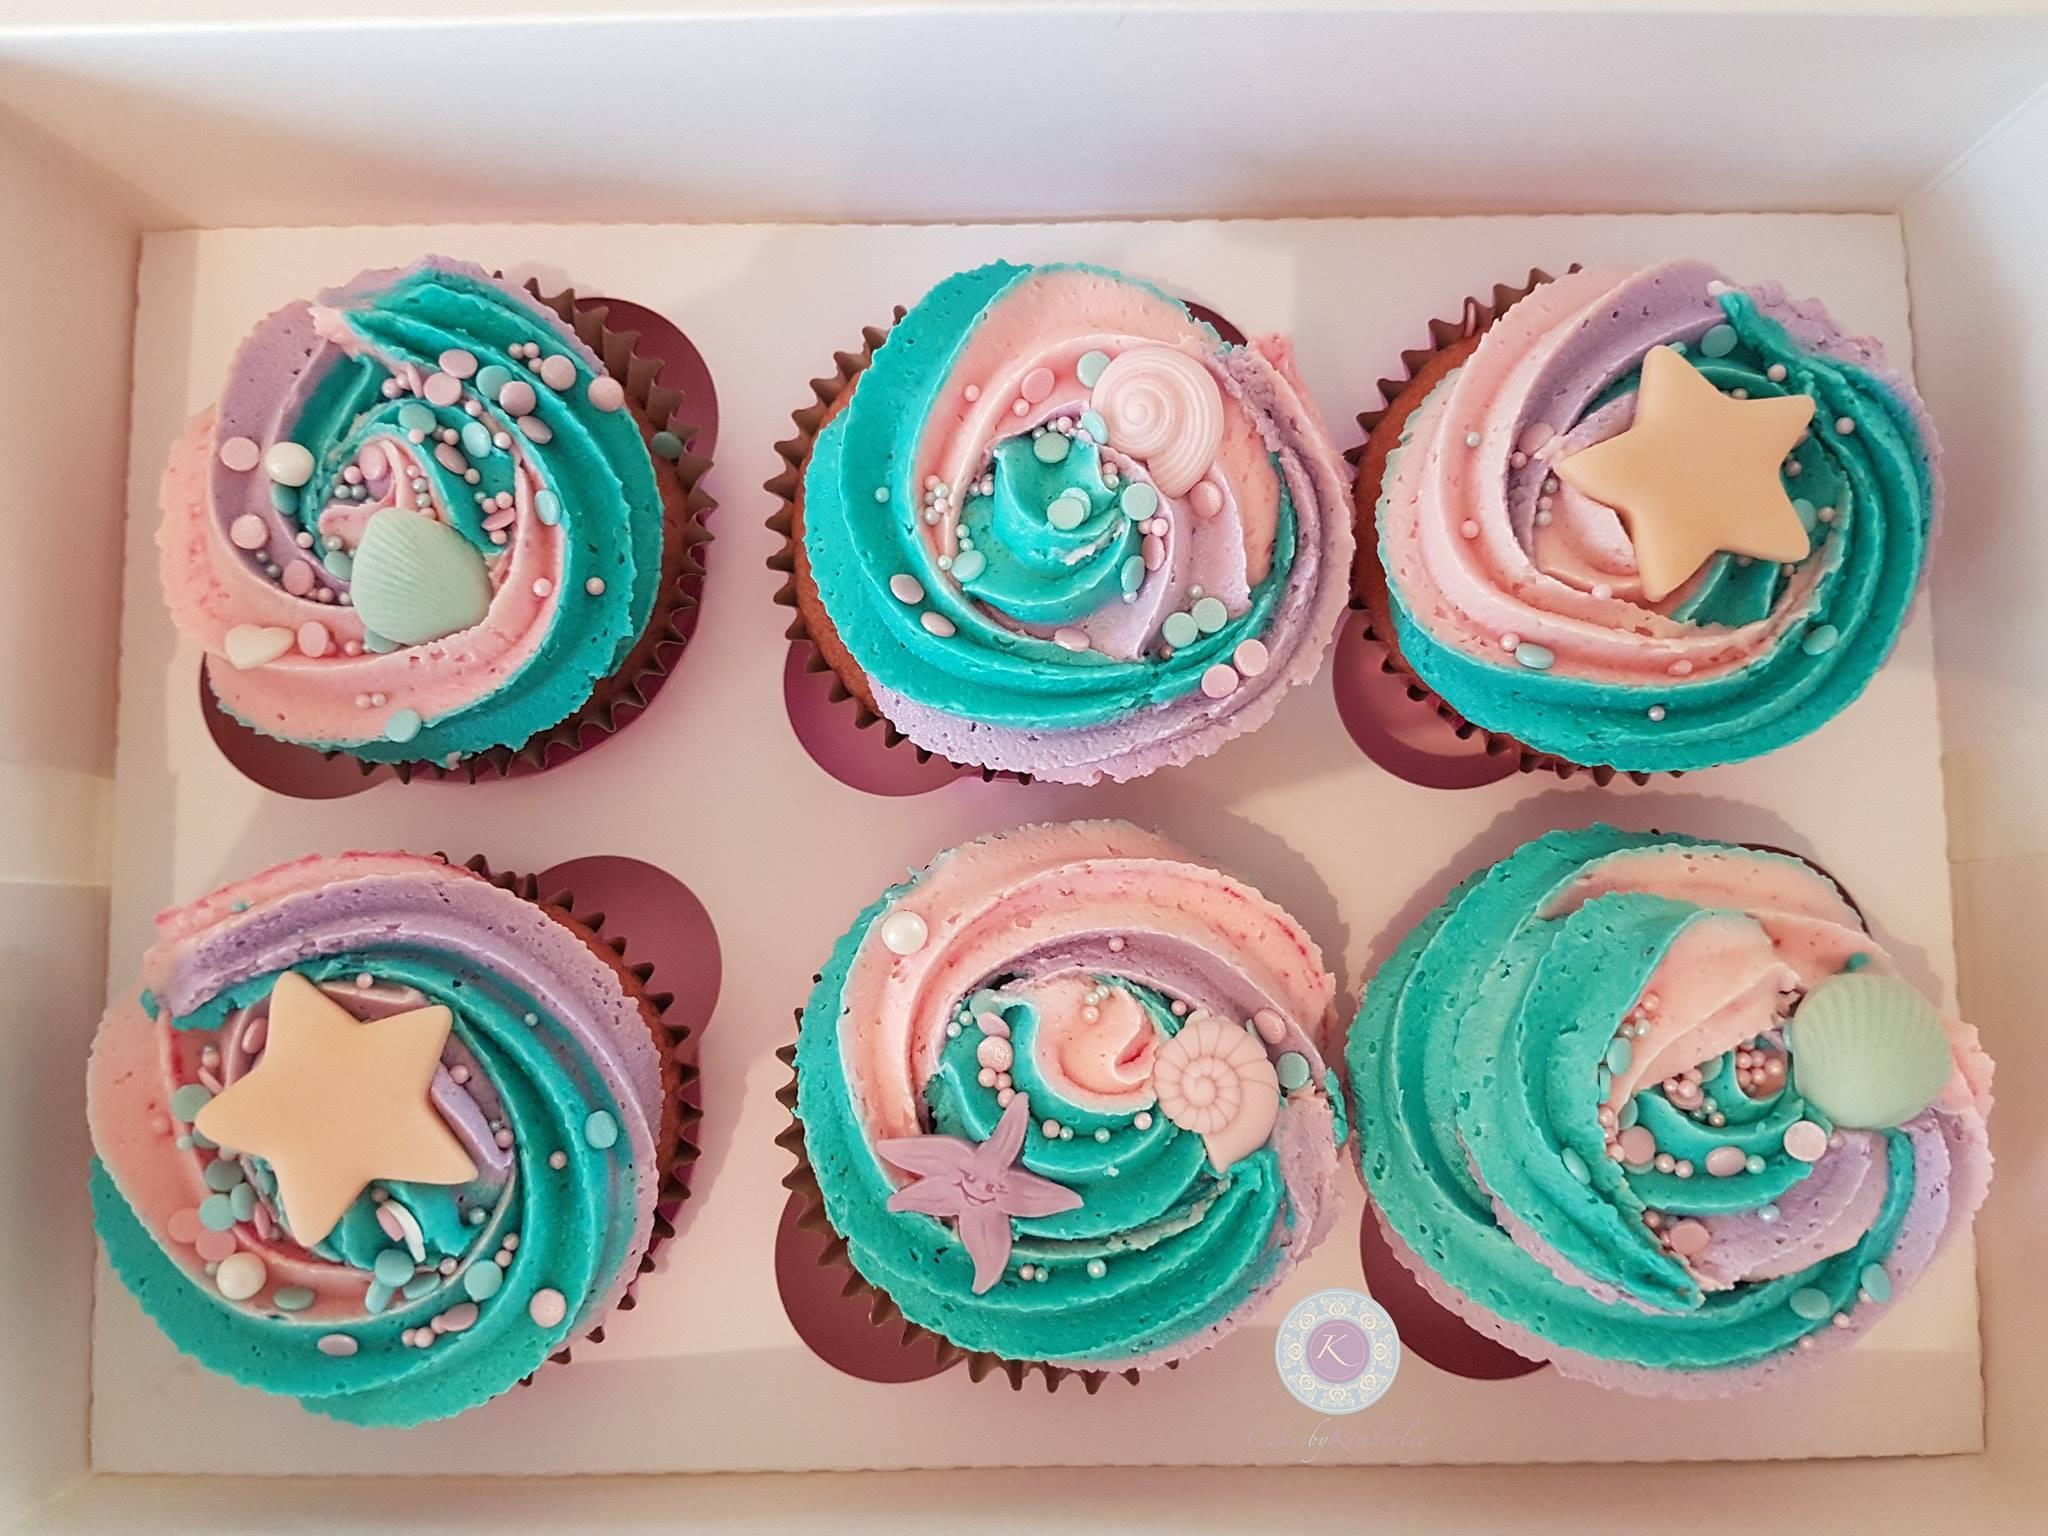 Cupcakes - Mermaid